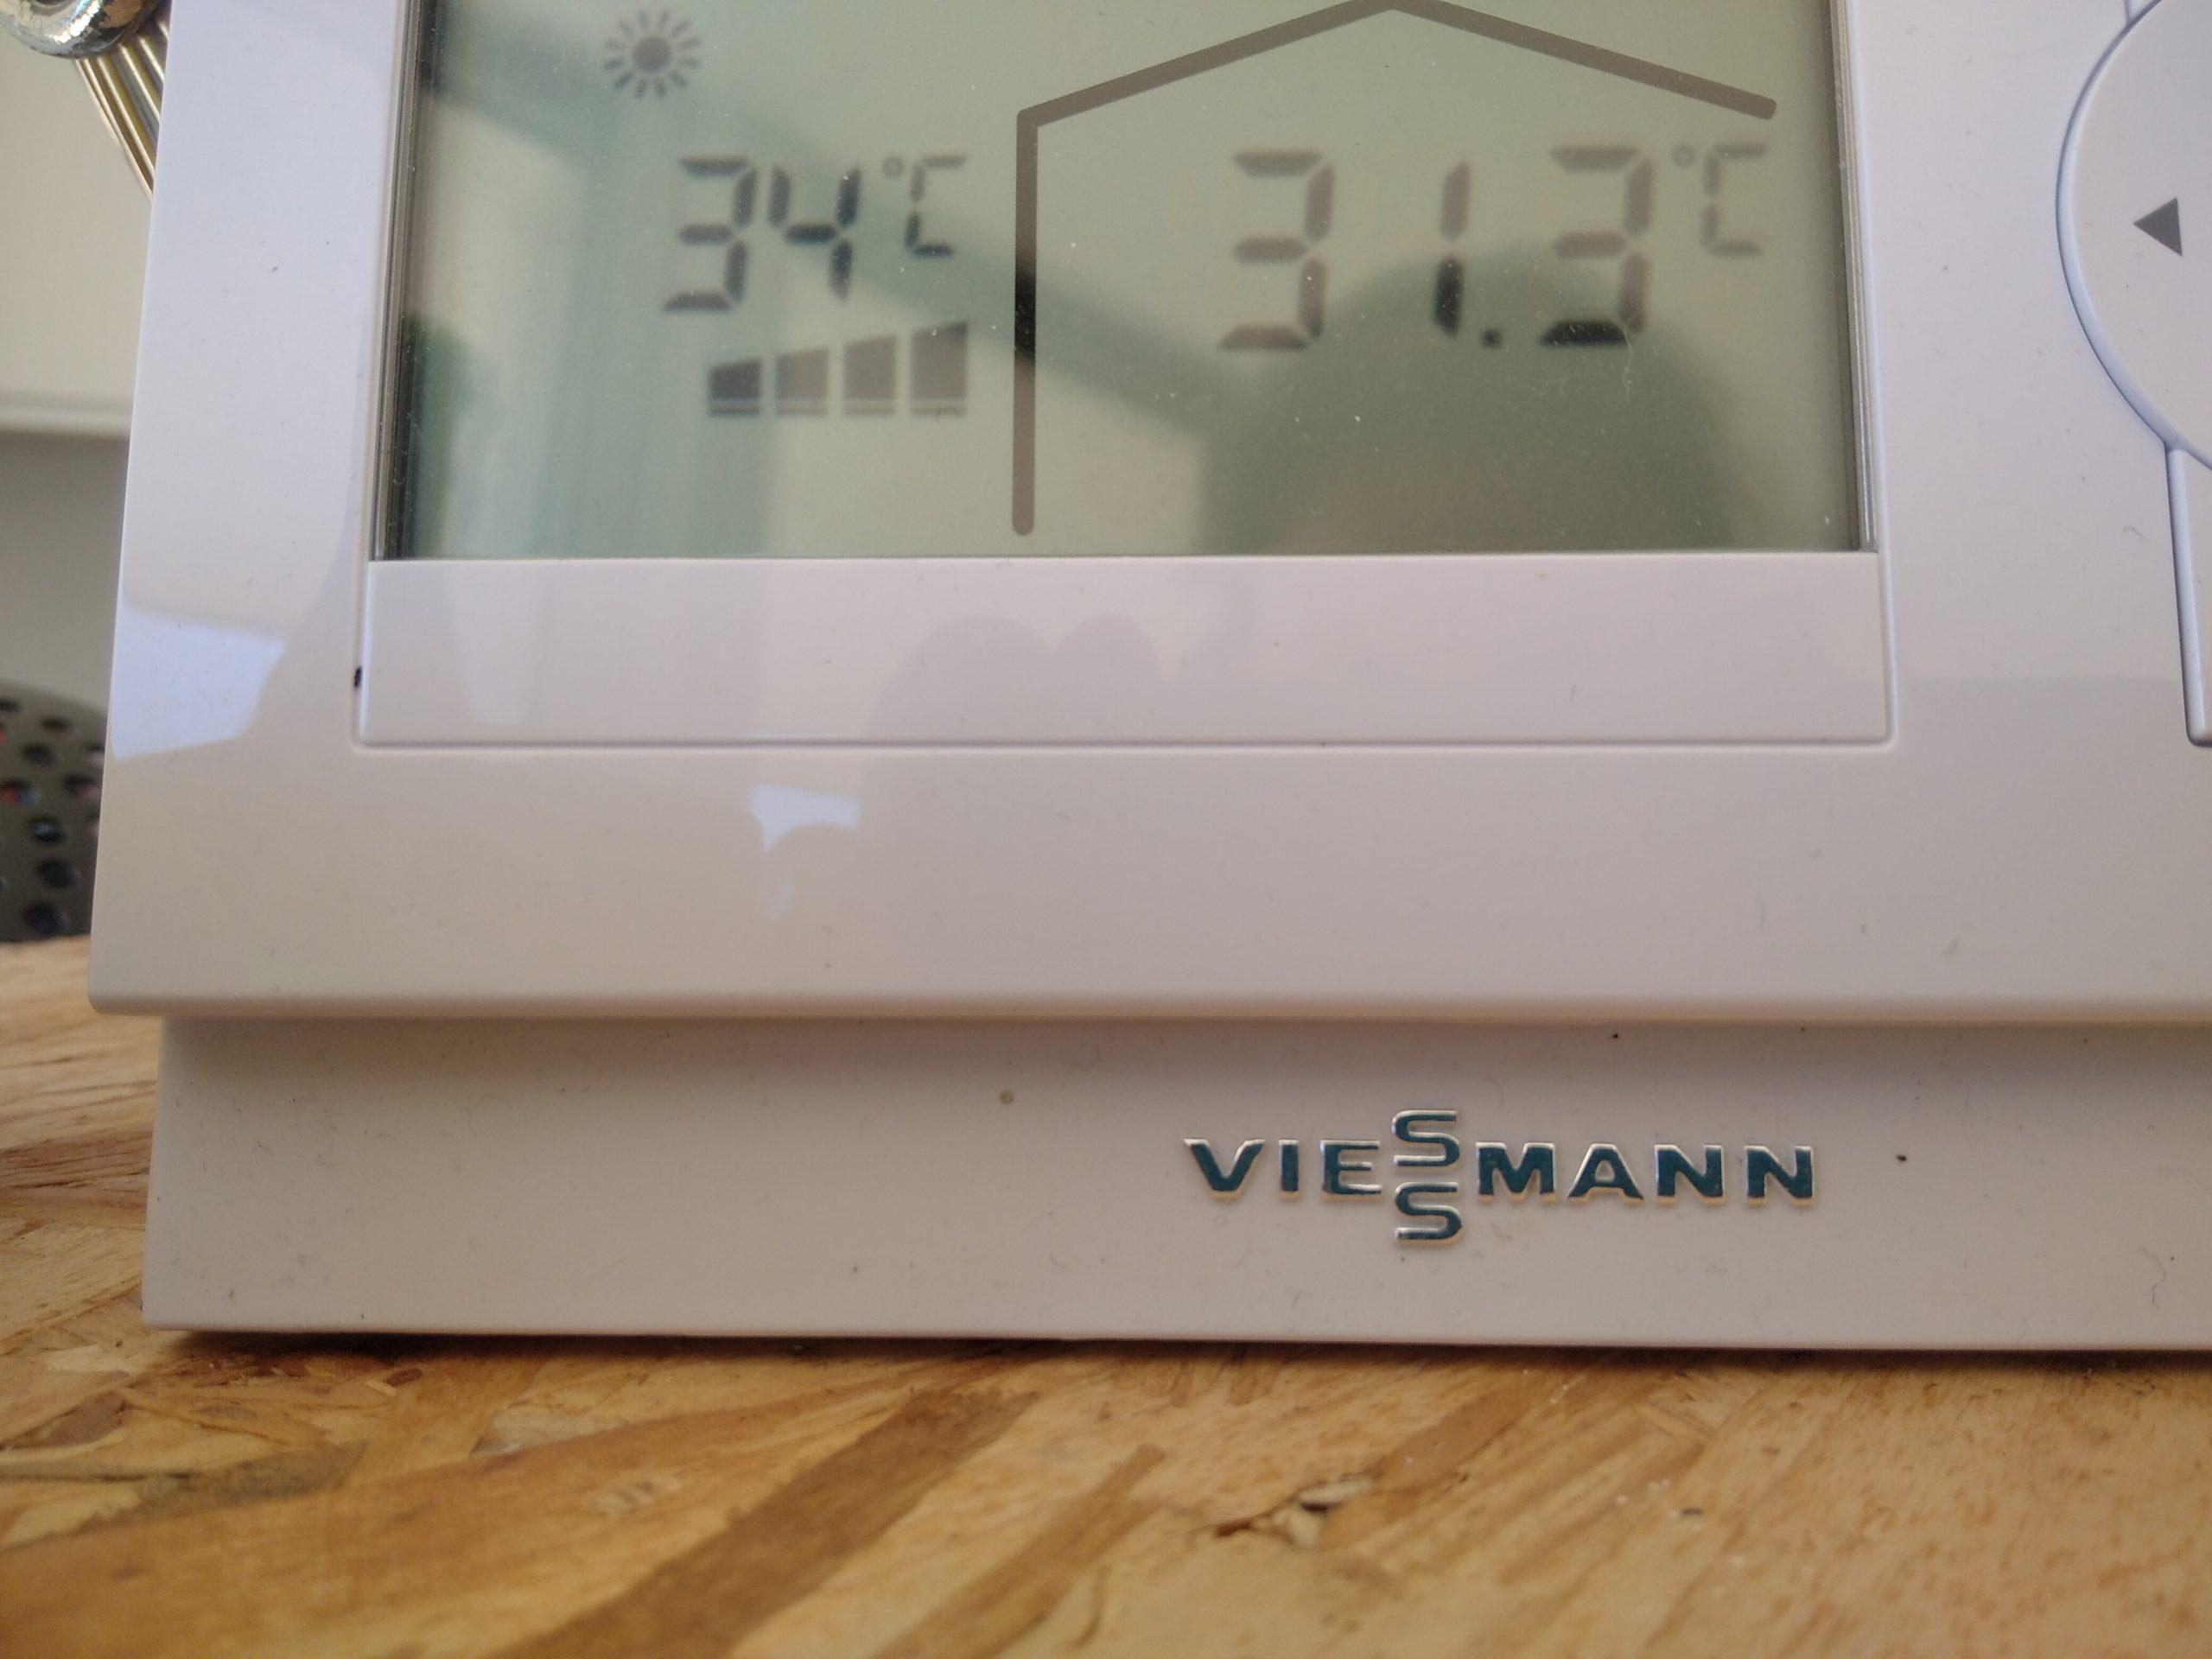 34 température en côtes d'armor